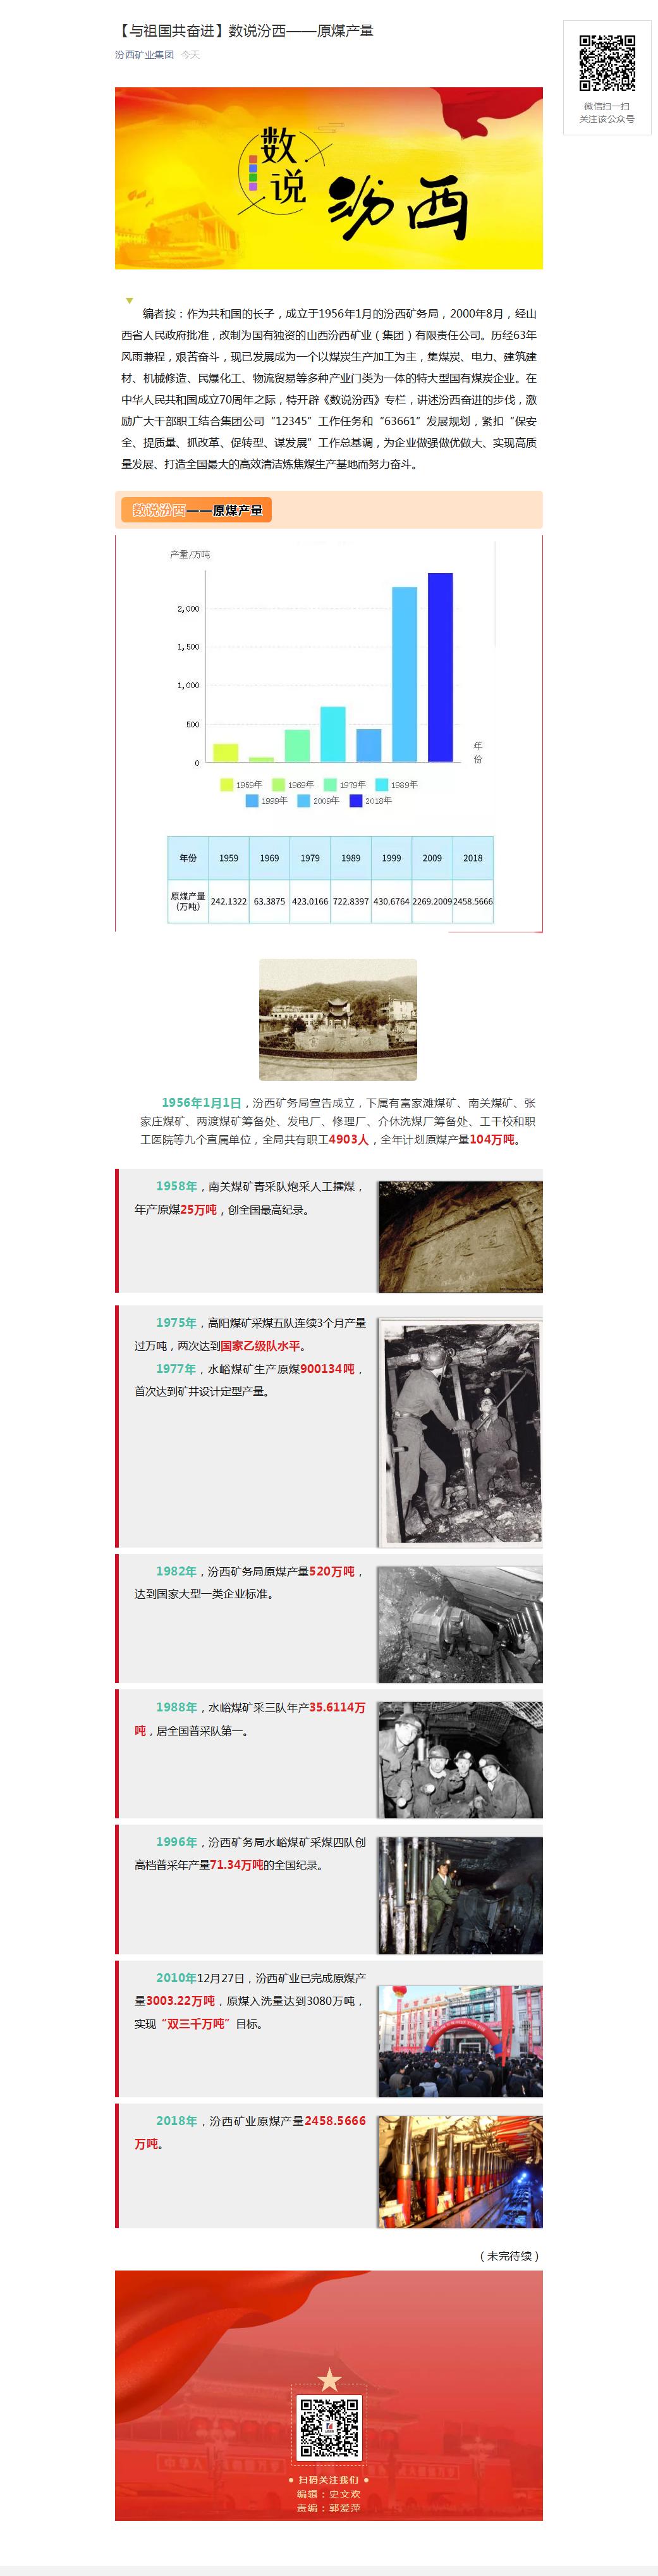 【与祖国共奋进】数说龙虎斗游戏——原煤产量.png